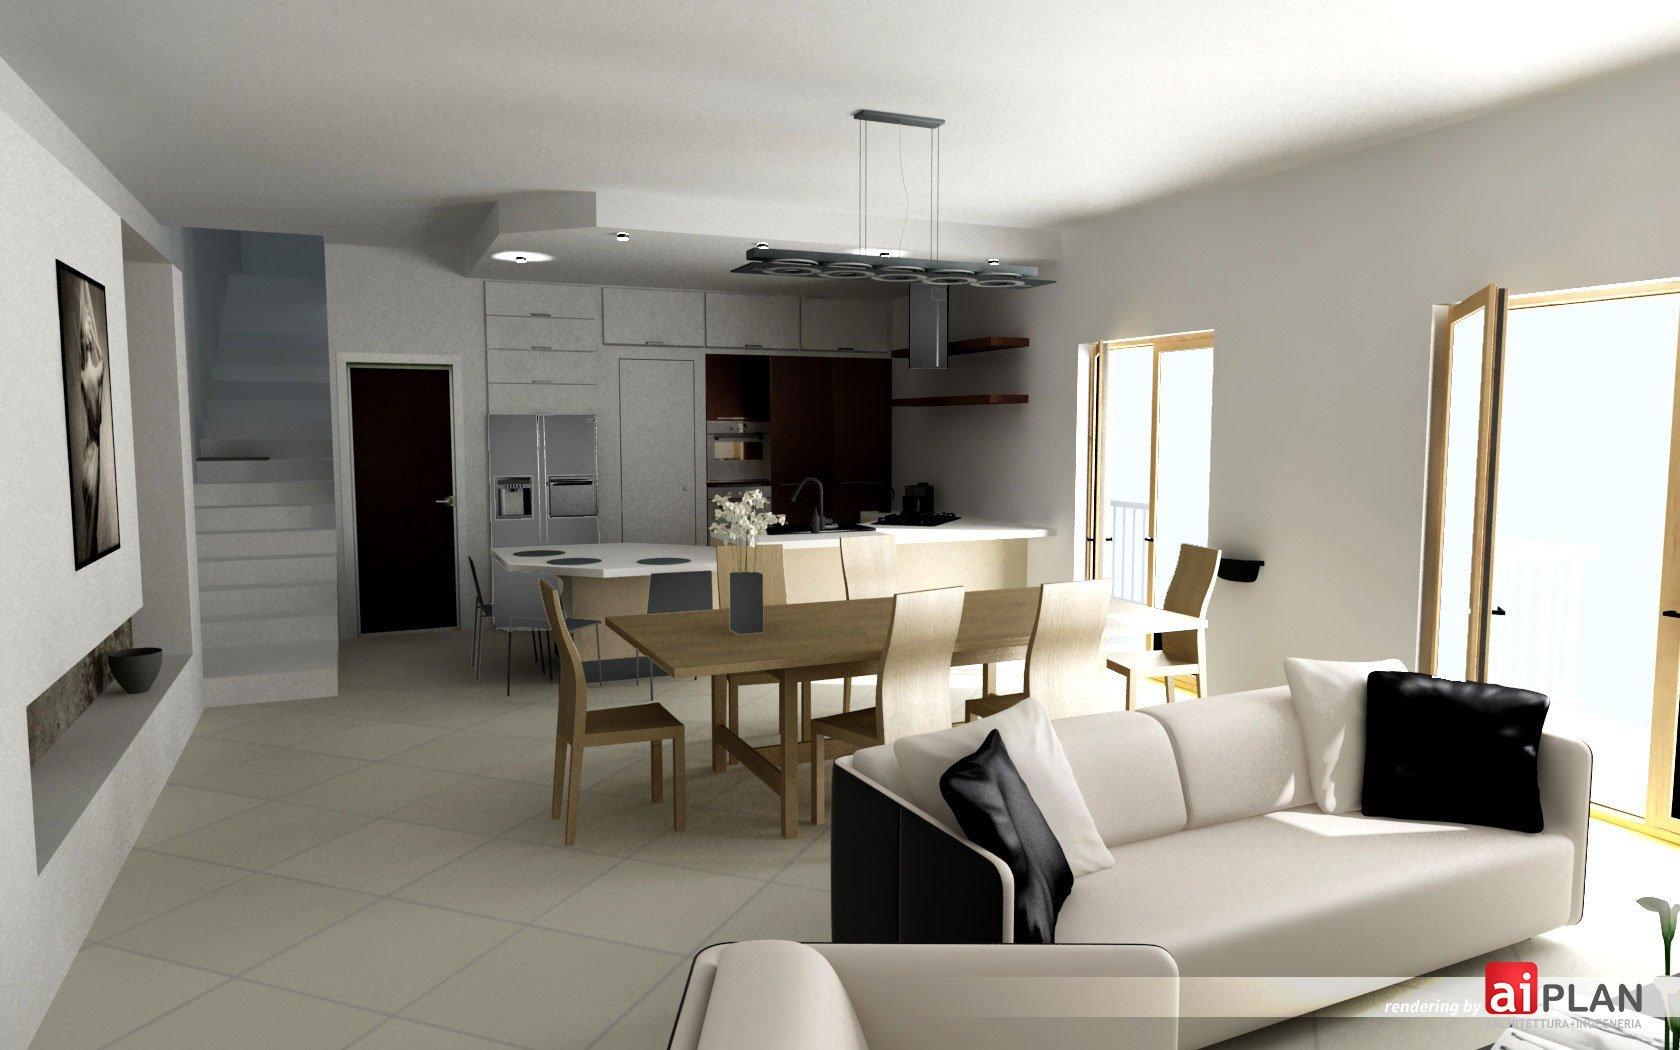 Interni di residenze aiplan architettura e ingegneria for Arredo interni idee